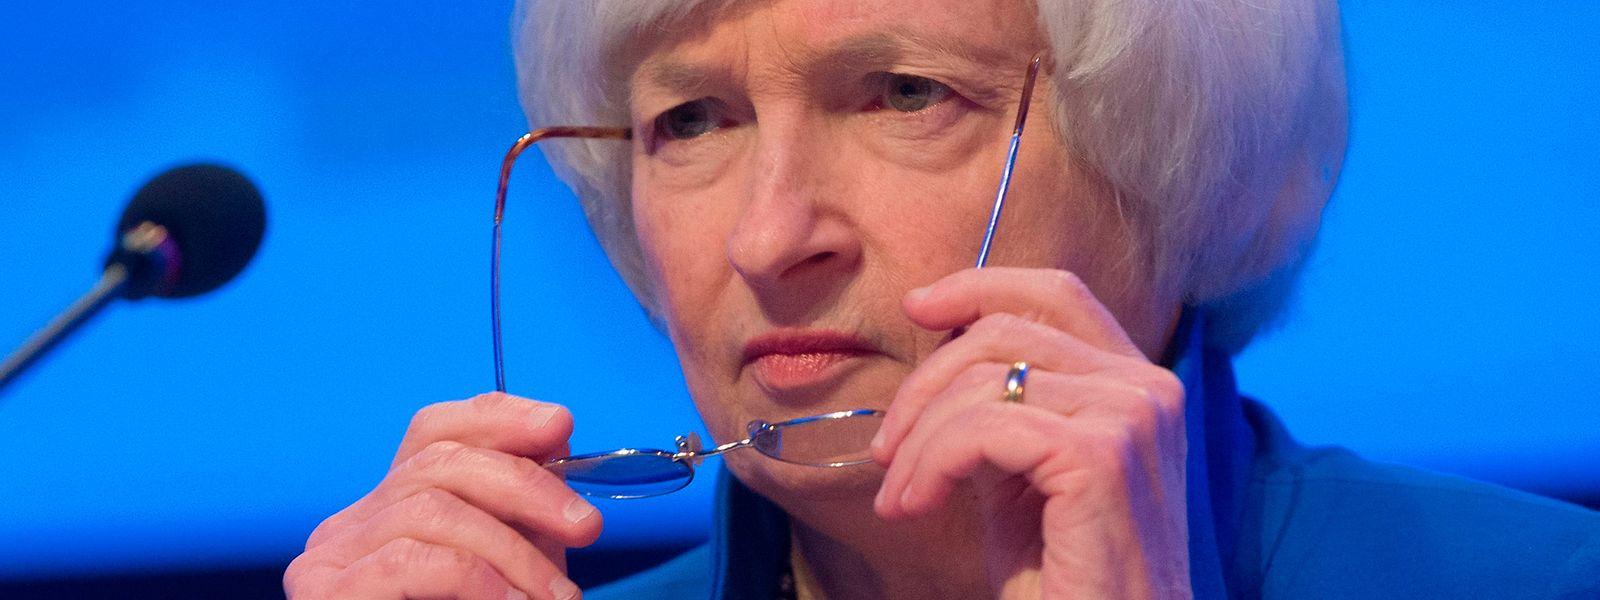 Mit ihrem Vorstoß brachte US-Finanzministerin Janet Yellen neuen Schwung in die Debatte um einen Mindeststeuersatz für Unternehmen.